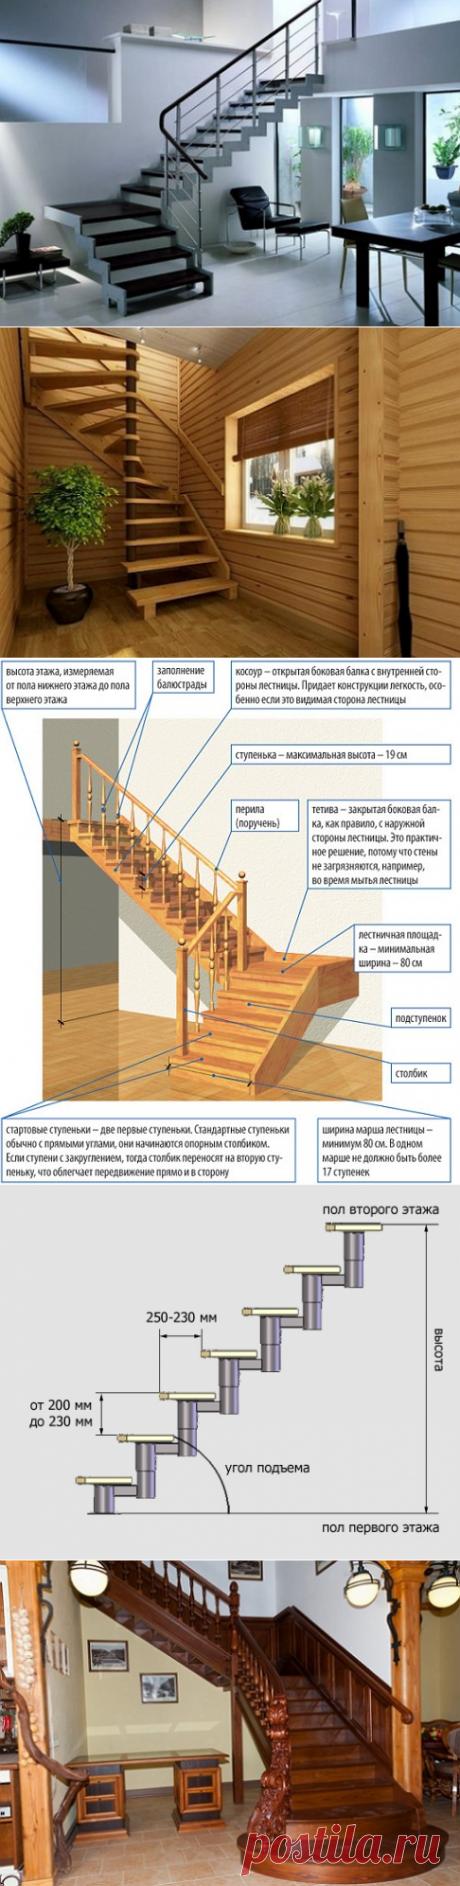 Лестница в загородном доме, пожалуйста, правила проектирования лестниц в частных домах, чертежи и расчеты лестниц частного дома. | Делаем своими руками